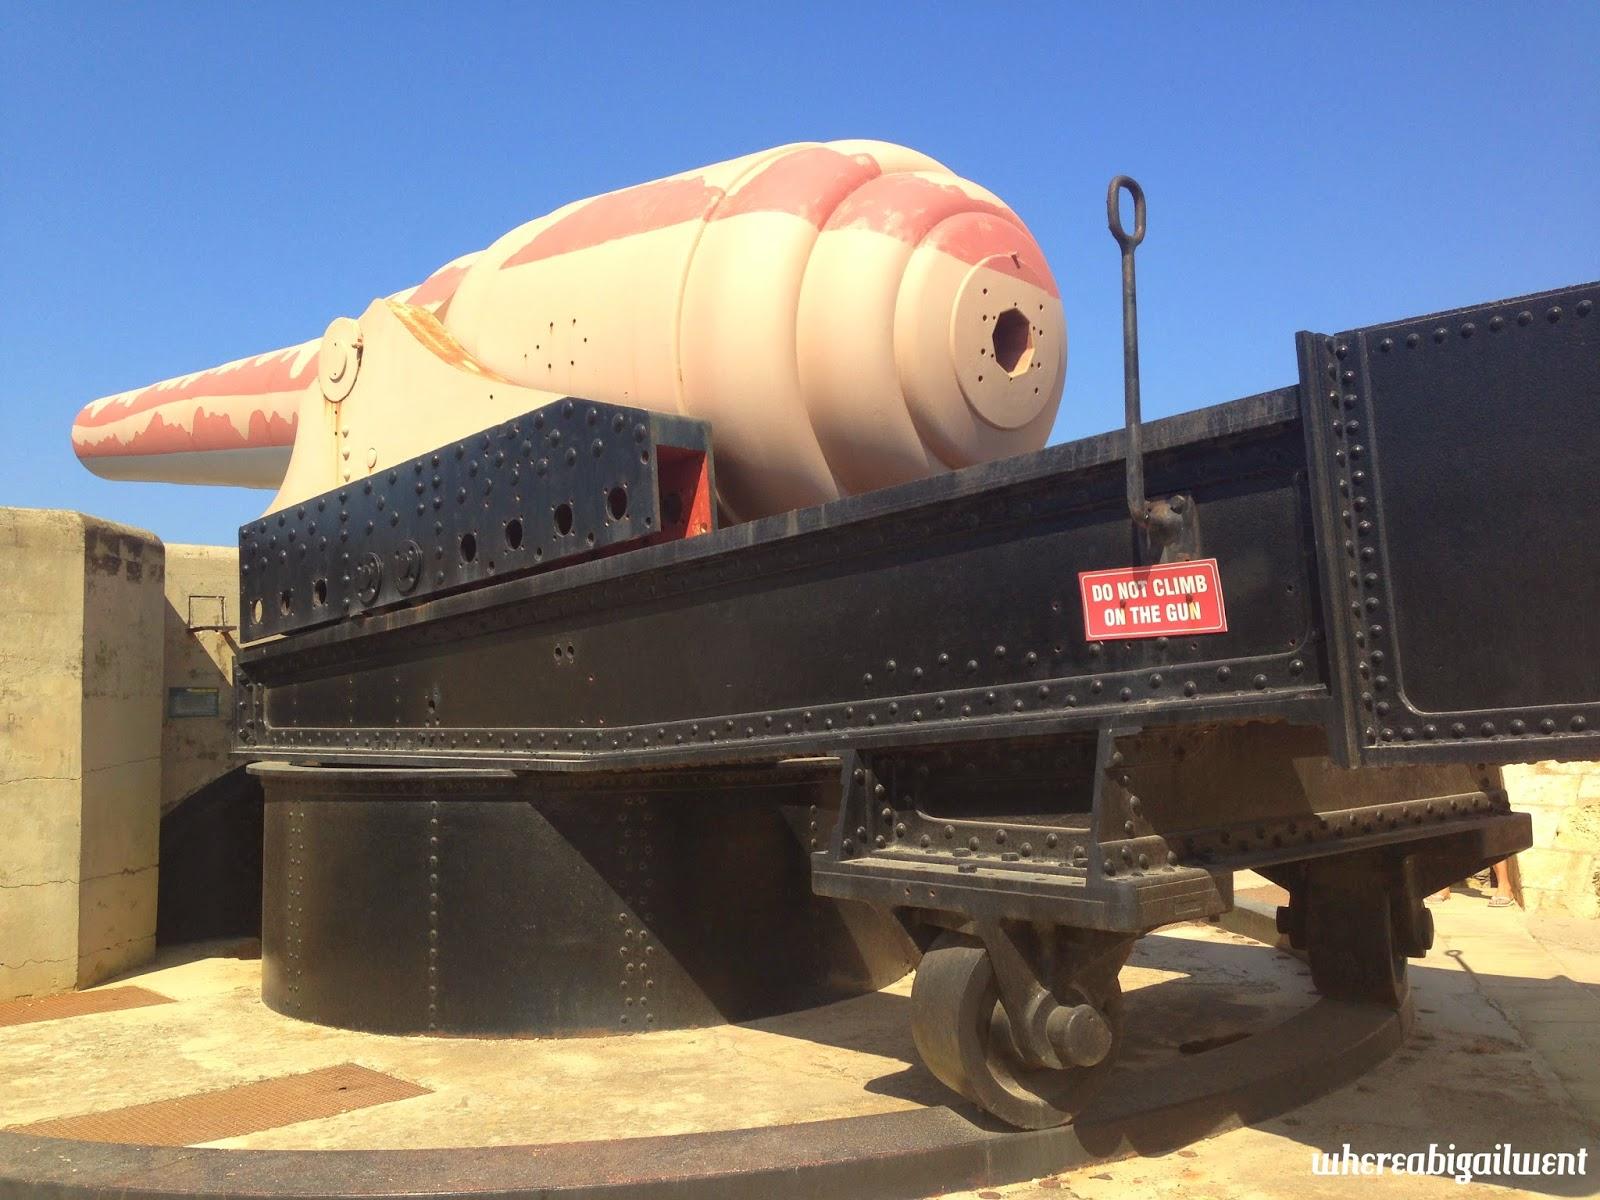 Fort Rinella 100 ton Cannon